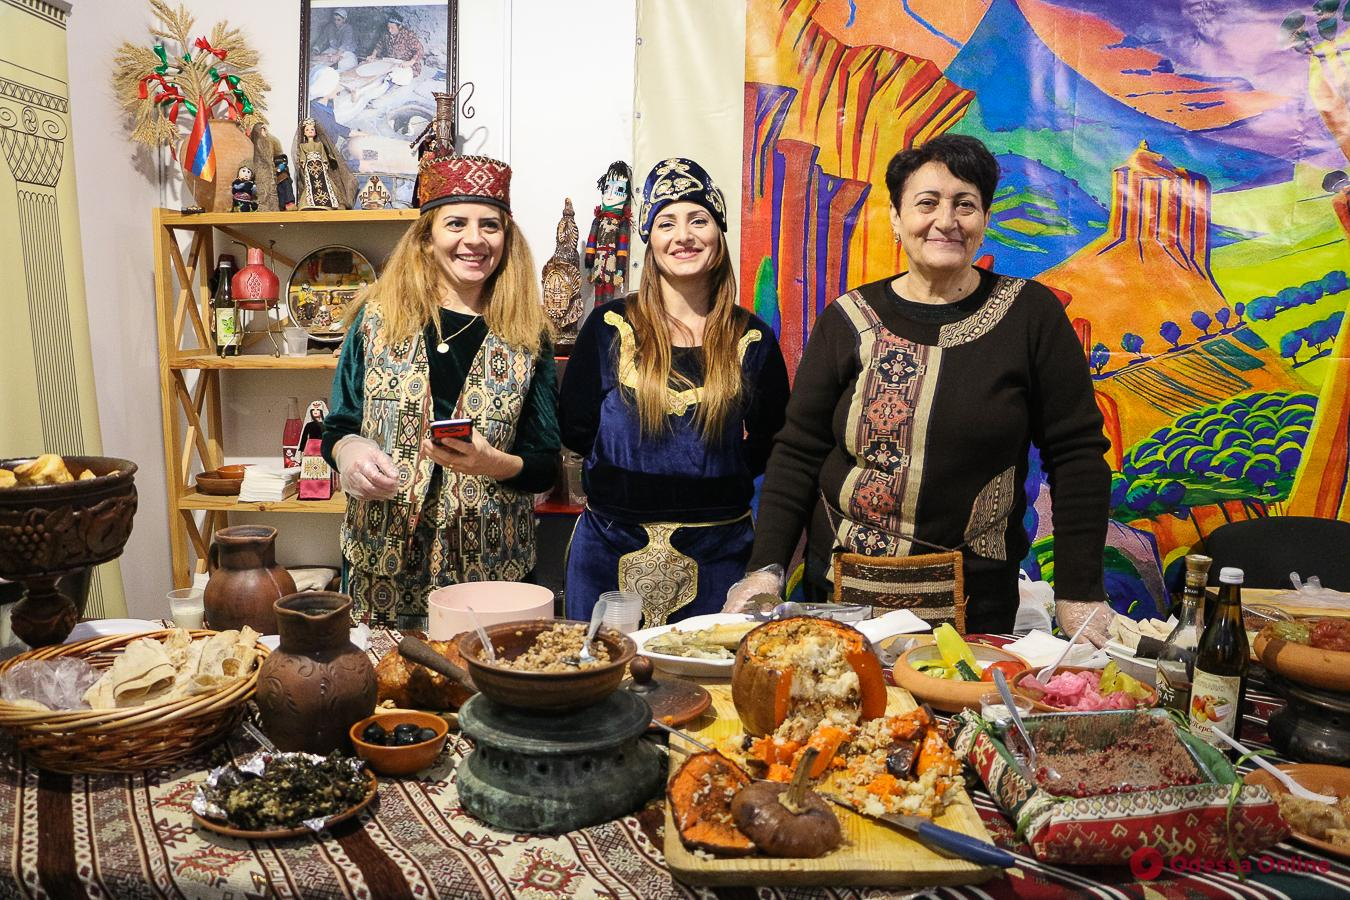 В Одессе прошла благотворительная дипломатическая ярмарка (фото)